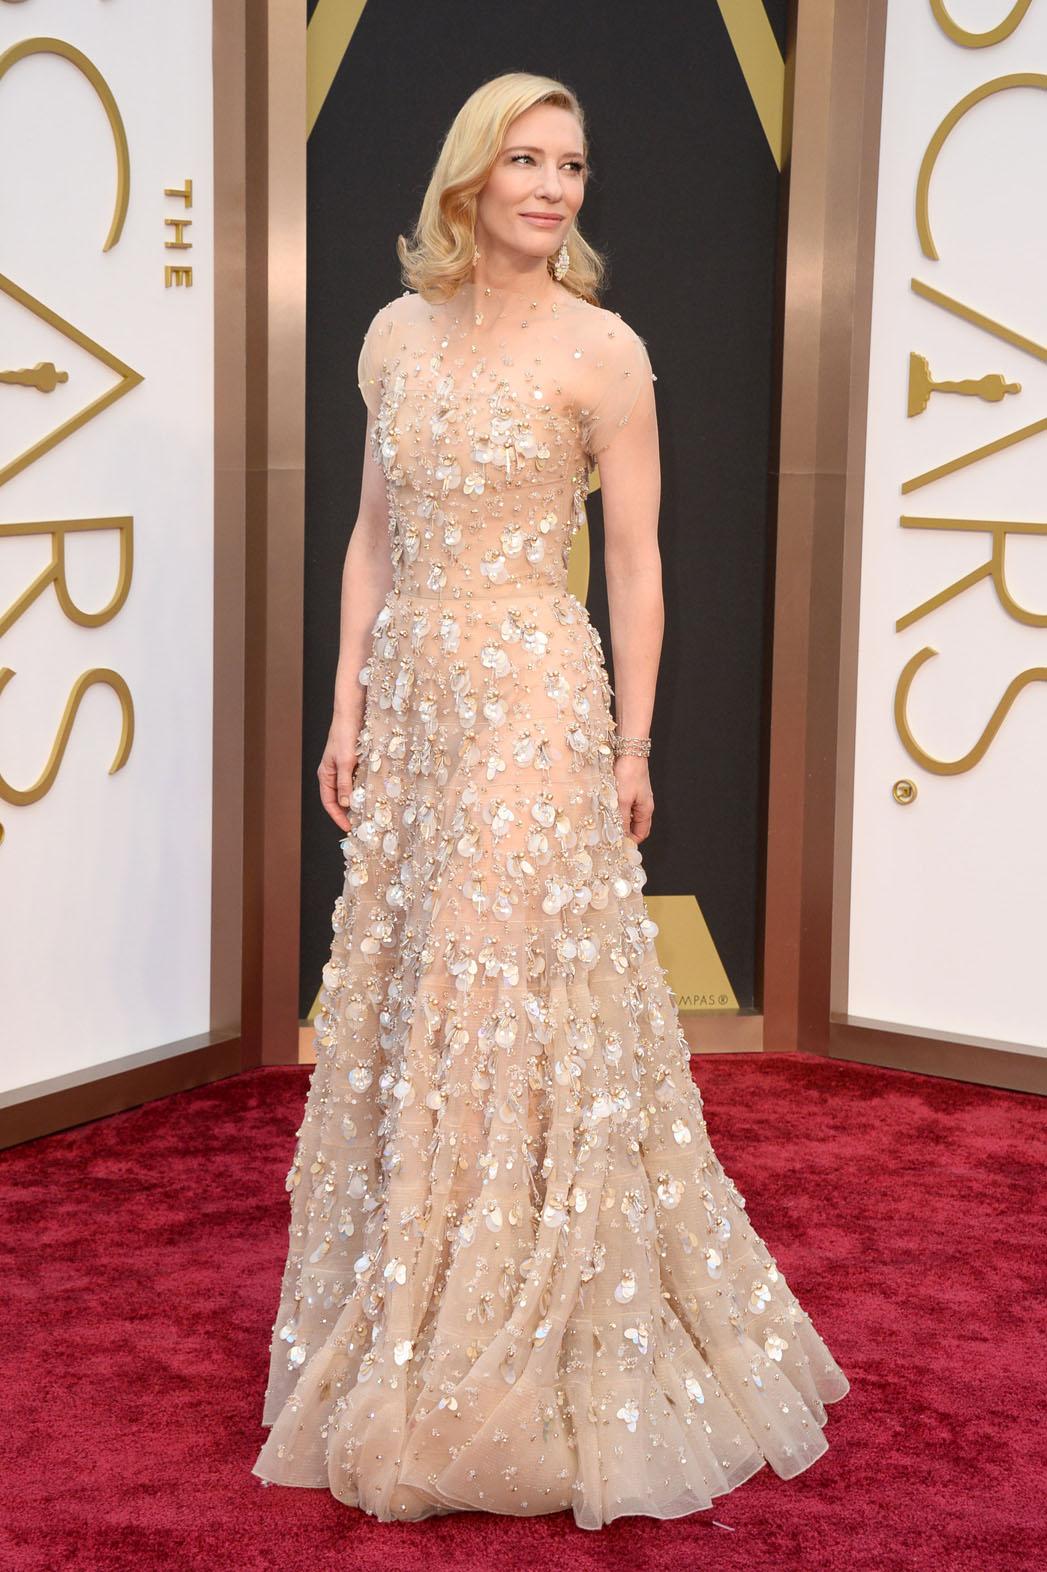 6.Tot În 2014, Cate o purtat una Dintre Cele mai scumpe rochii afisate vreodata la Premiile Oscar. Creatia Armani Prive o Fost estimata la peste 100.000 de dolari